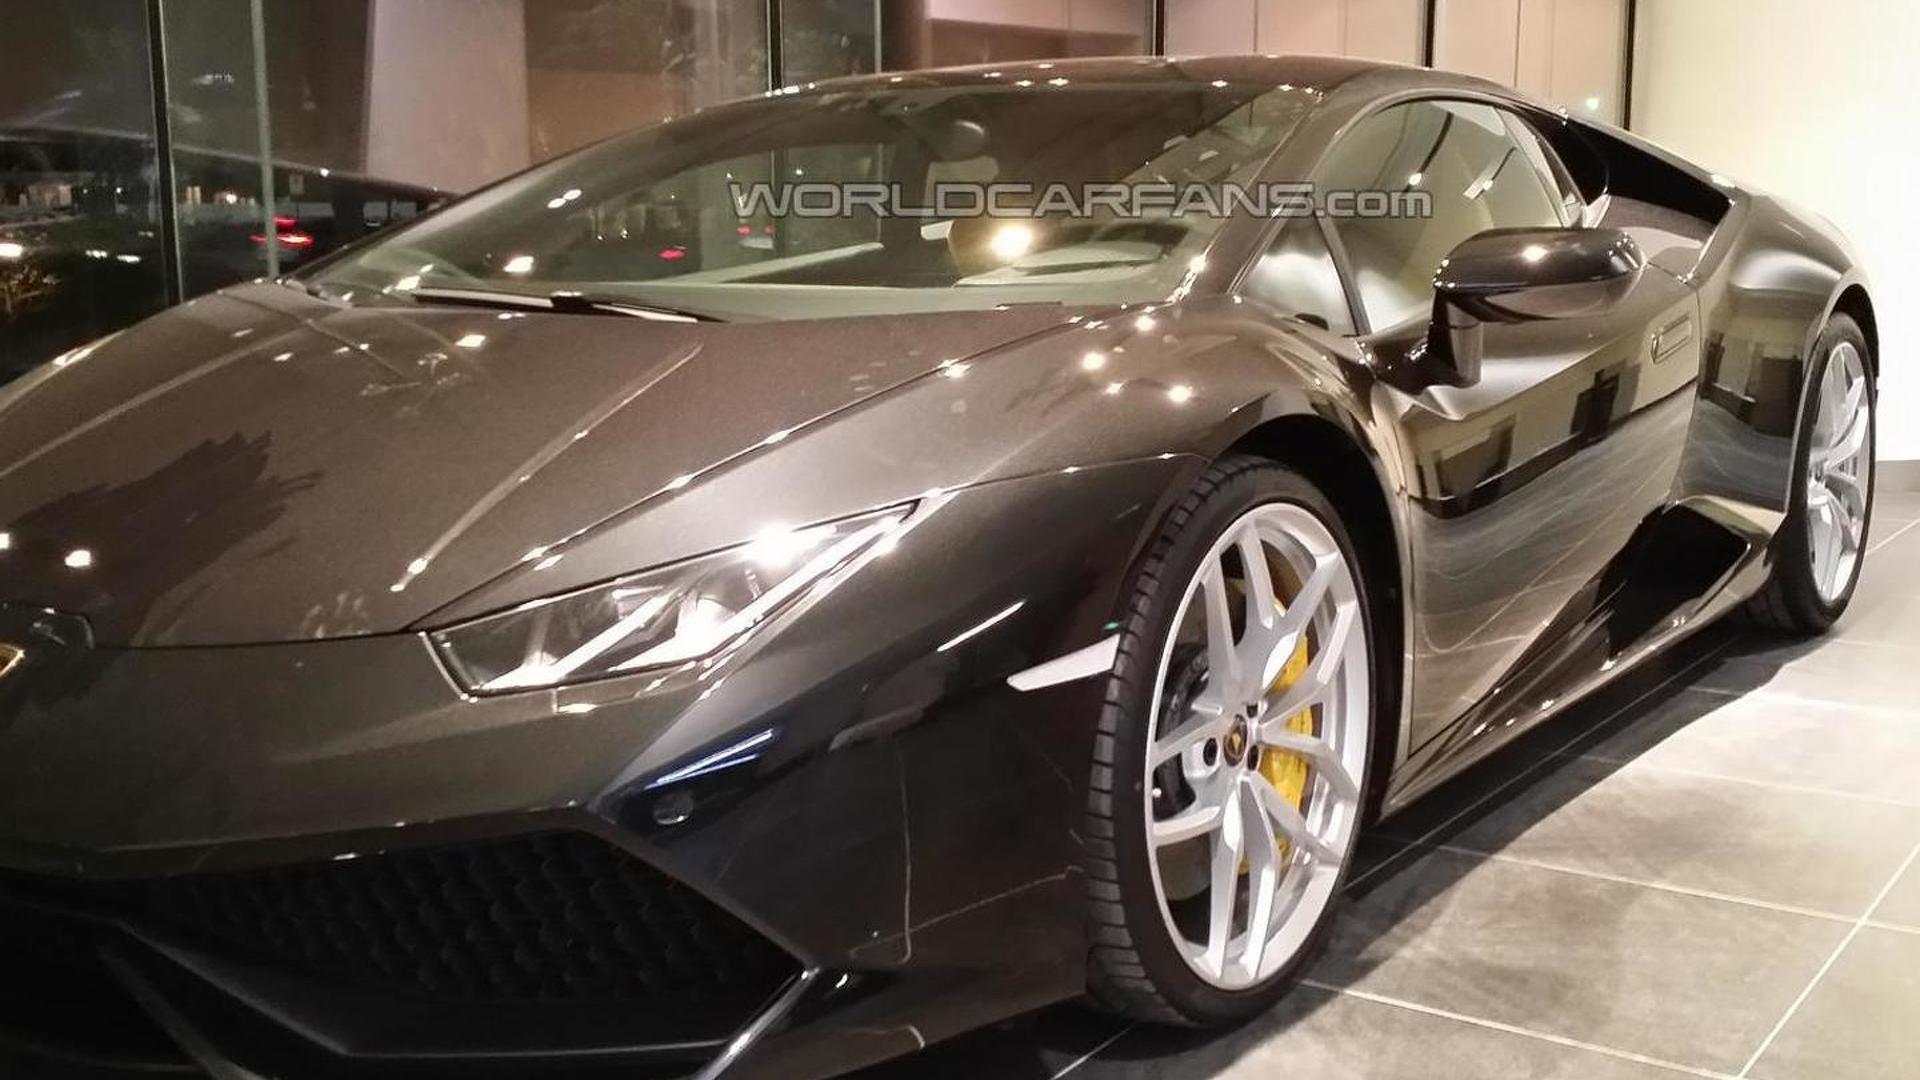 2014-460219-lamborghini-huracan-launch-at-abu-dhabi-showroom1 Marvelous Lamborghini Huracan Price In Uae Cars Trend